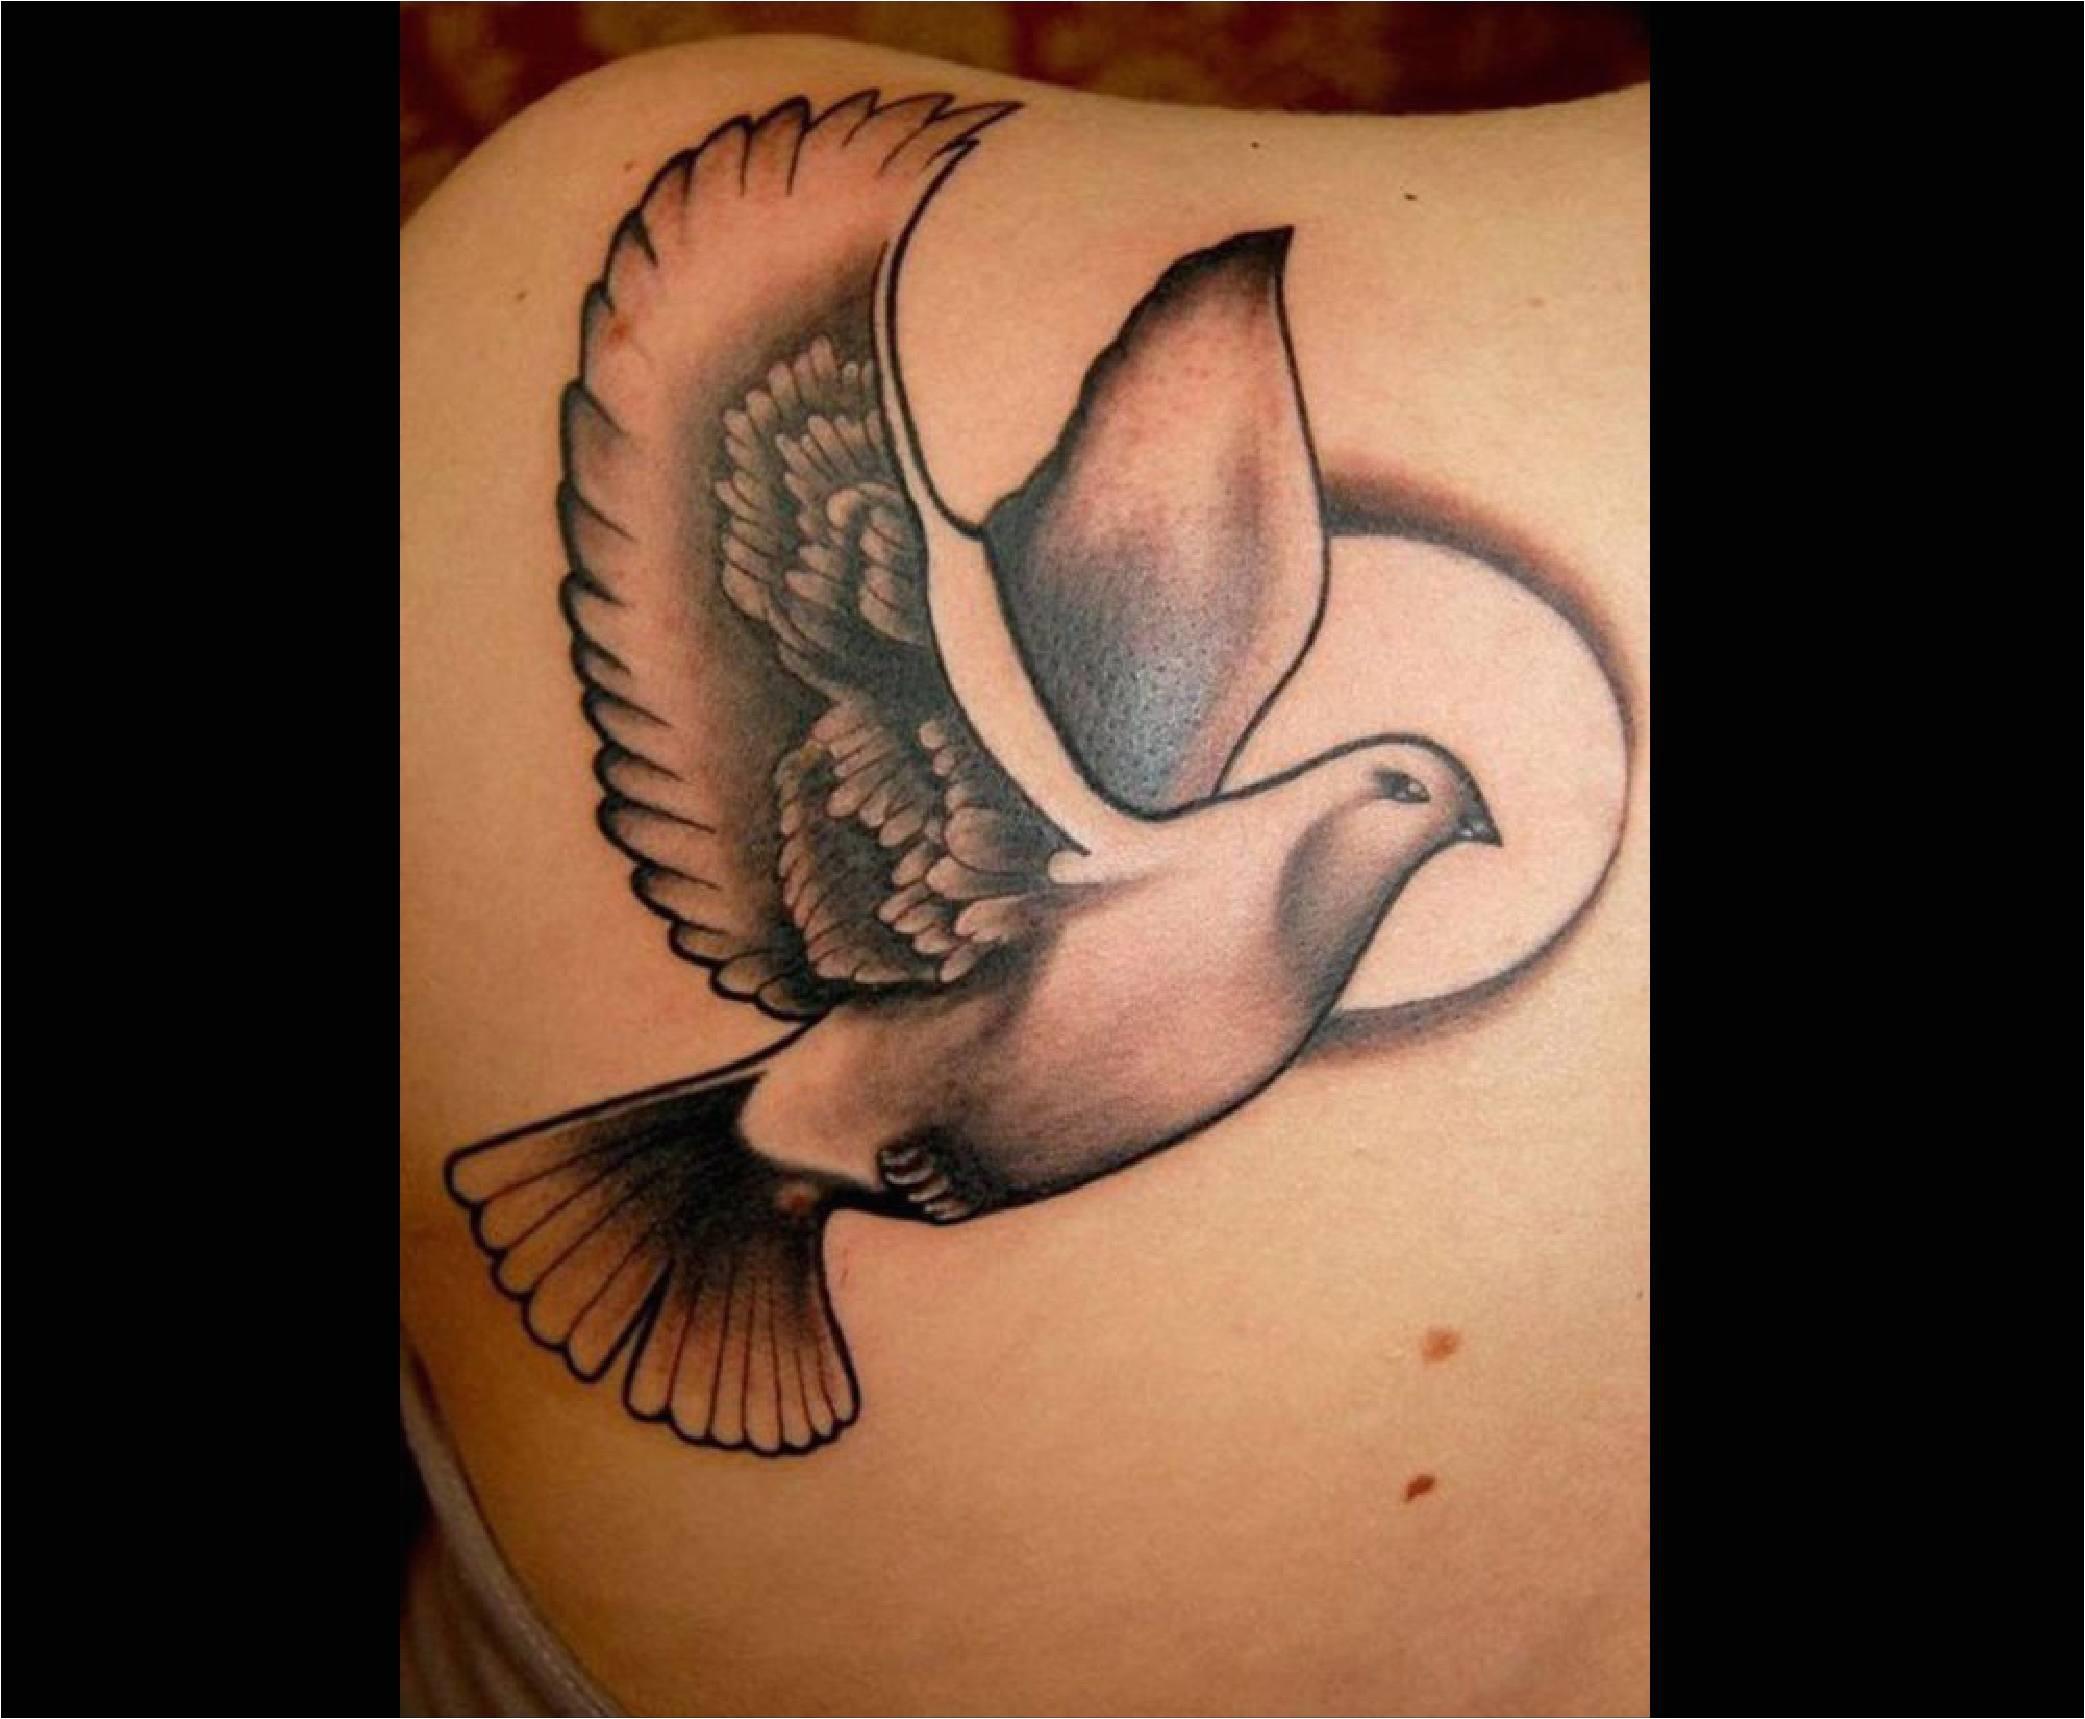 Tatouage de chiffre romain Retour dans le tatouage d'oiseau Tout ce que vous devez savoir